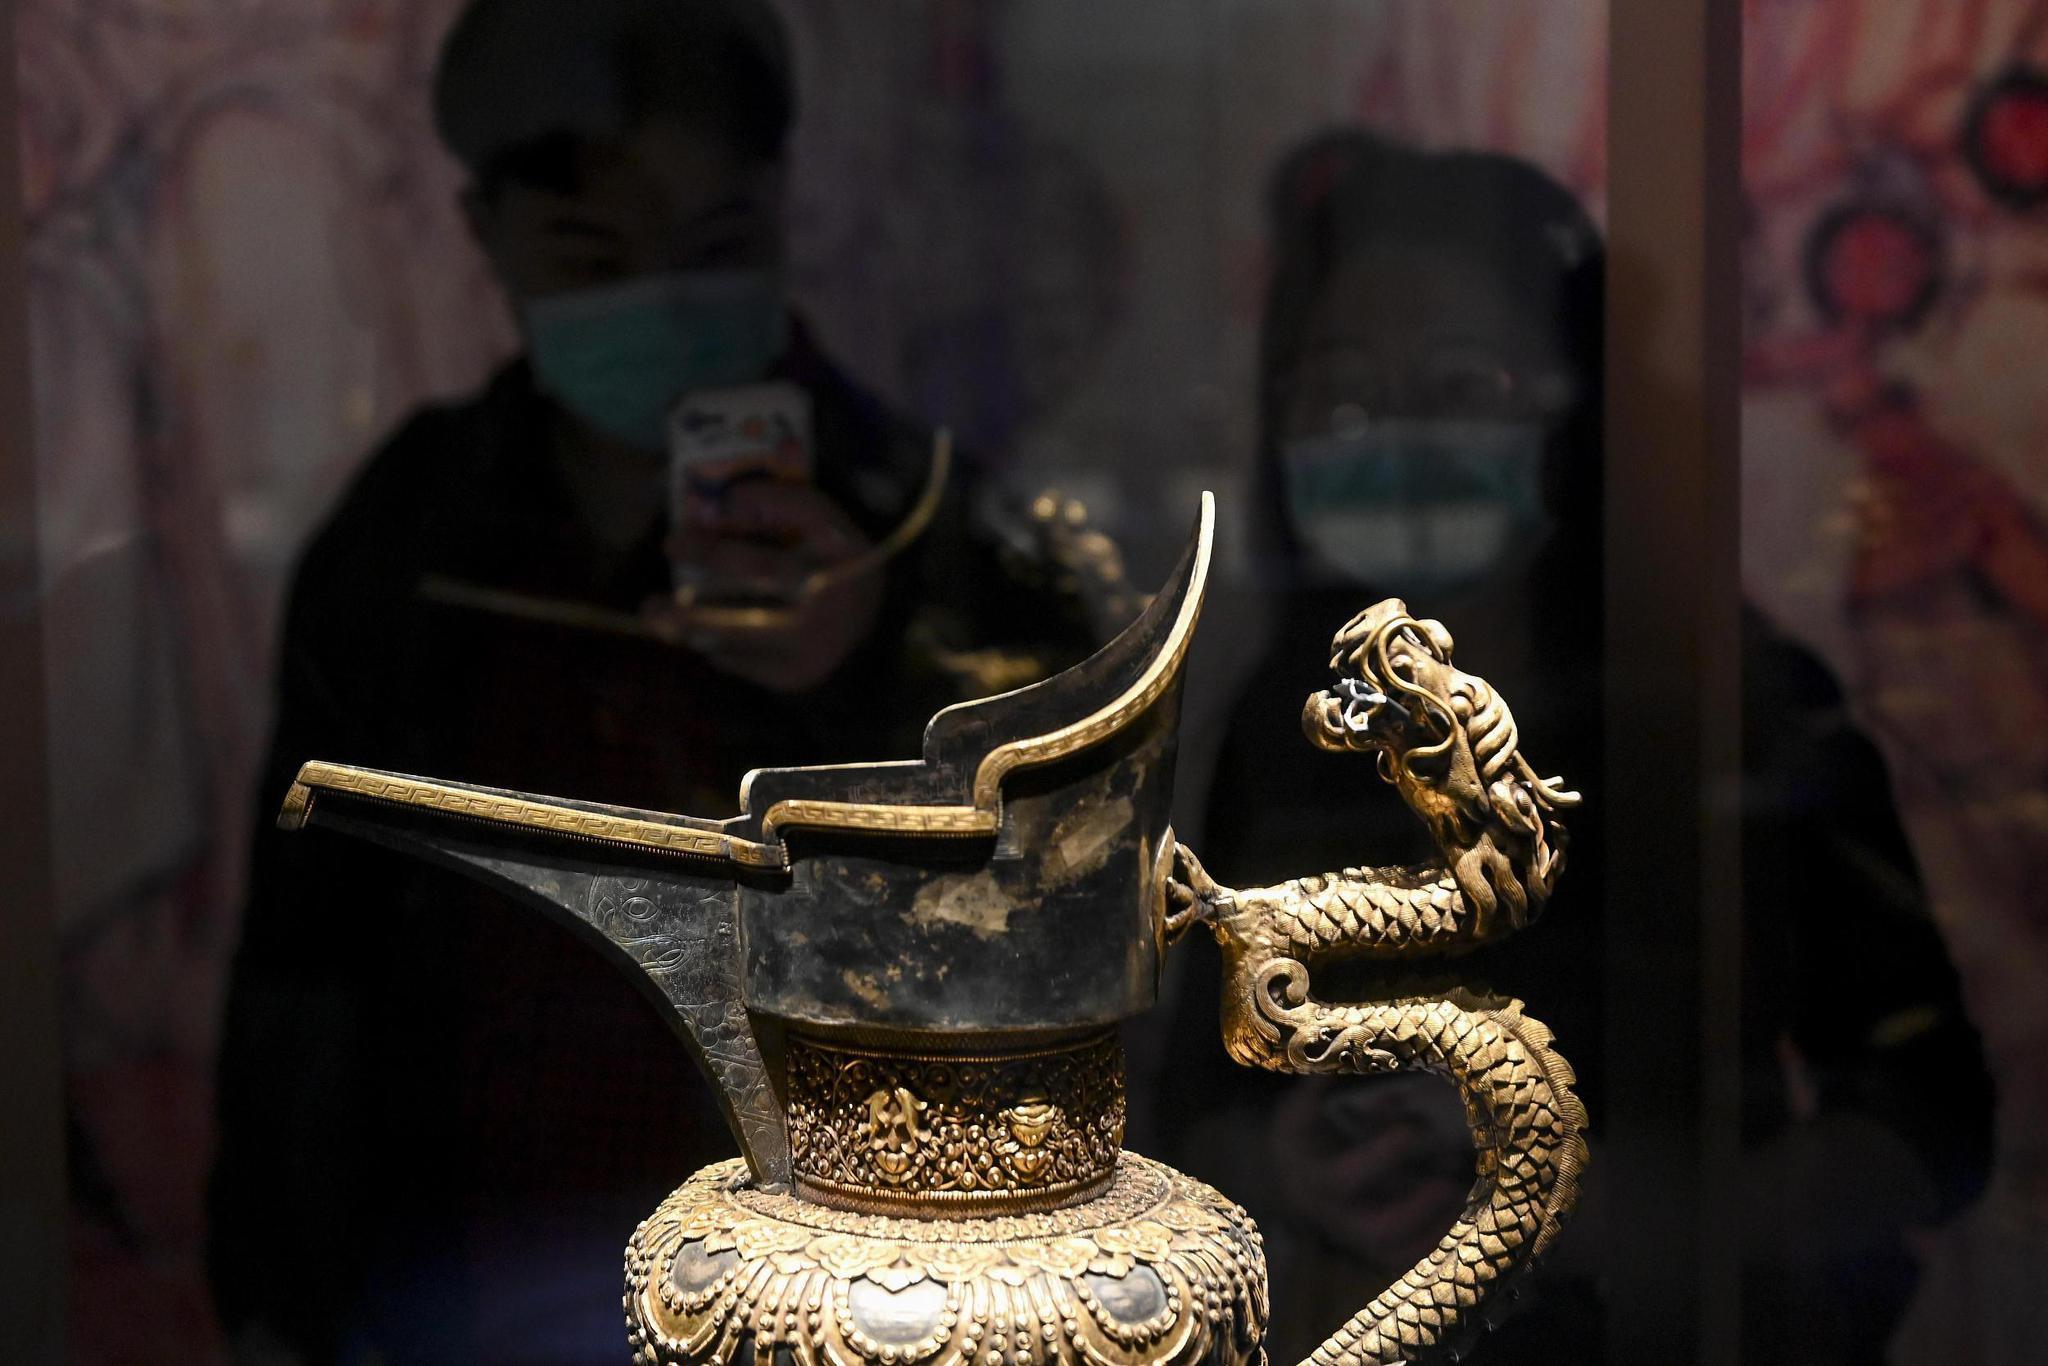 喜马拉雅与蒙古珍品展亮相长沙